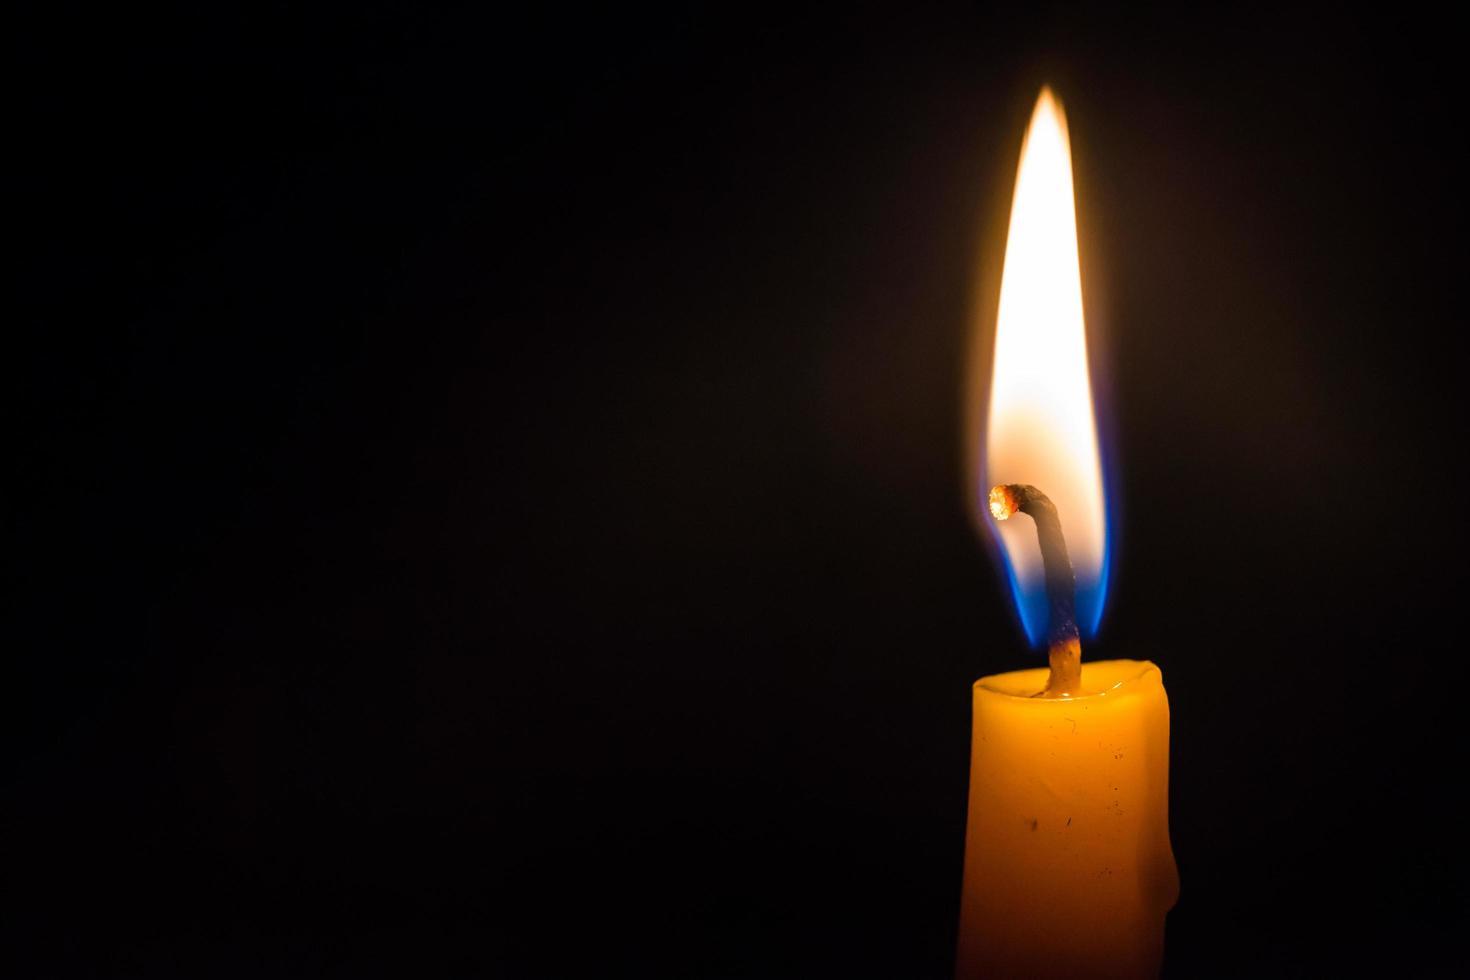 cerrar velas de luz ardiendo brillantemente en el fondo negro. foto